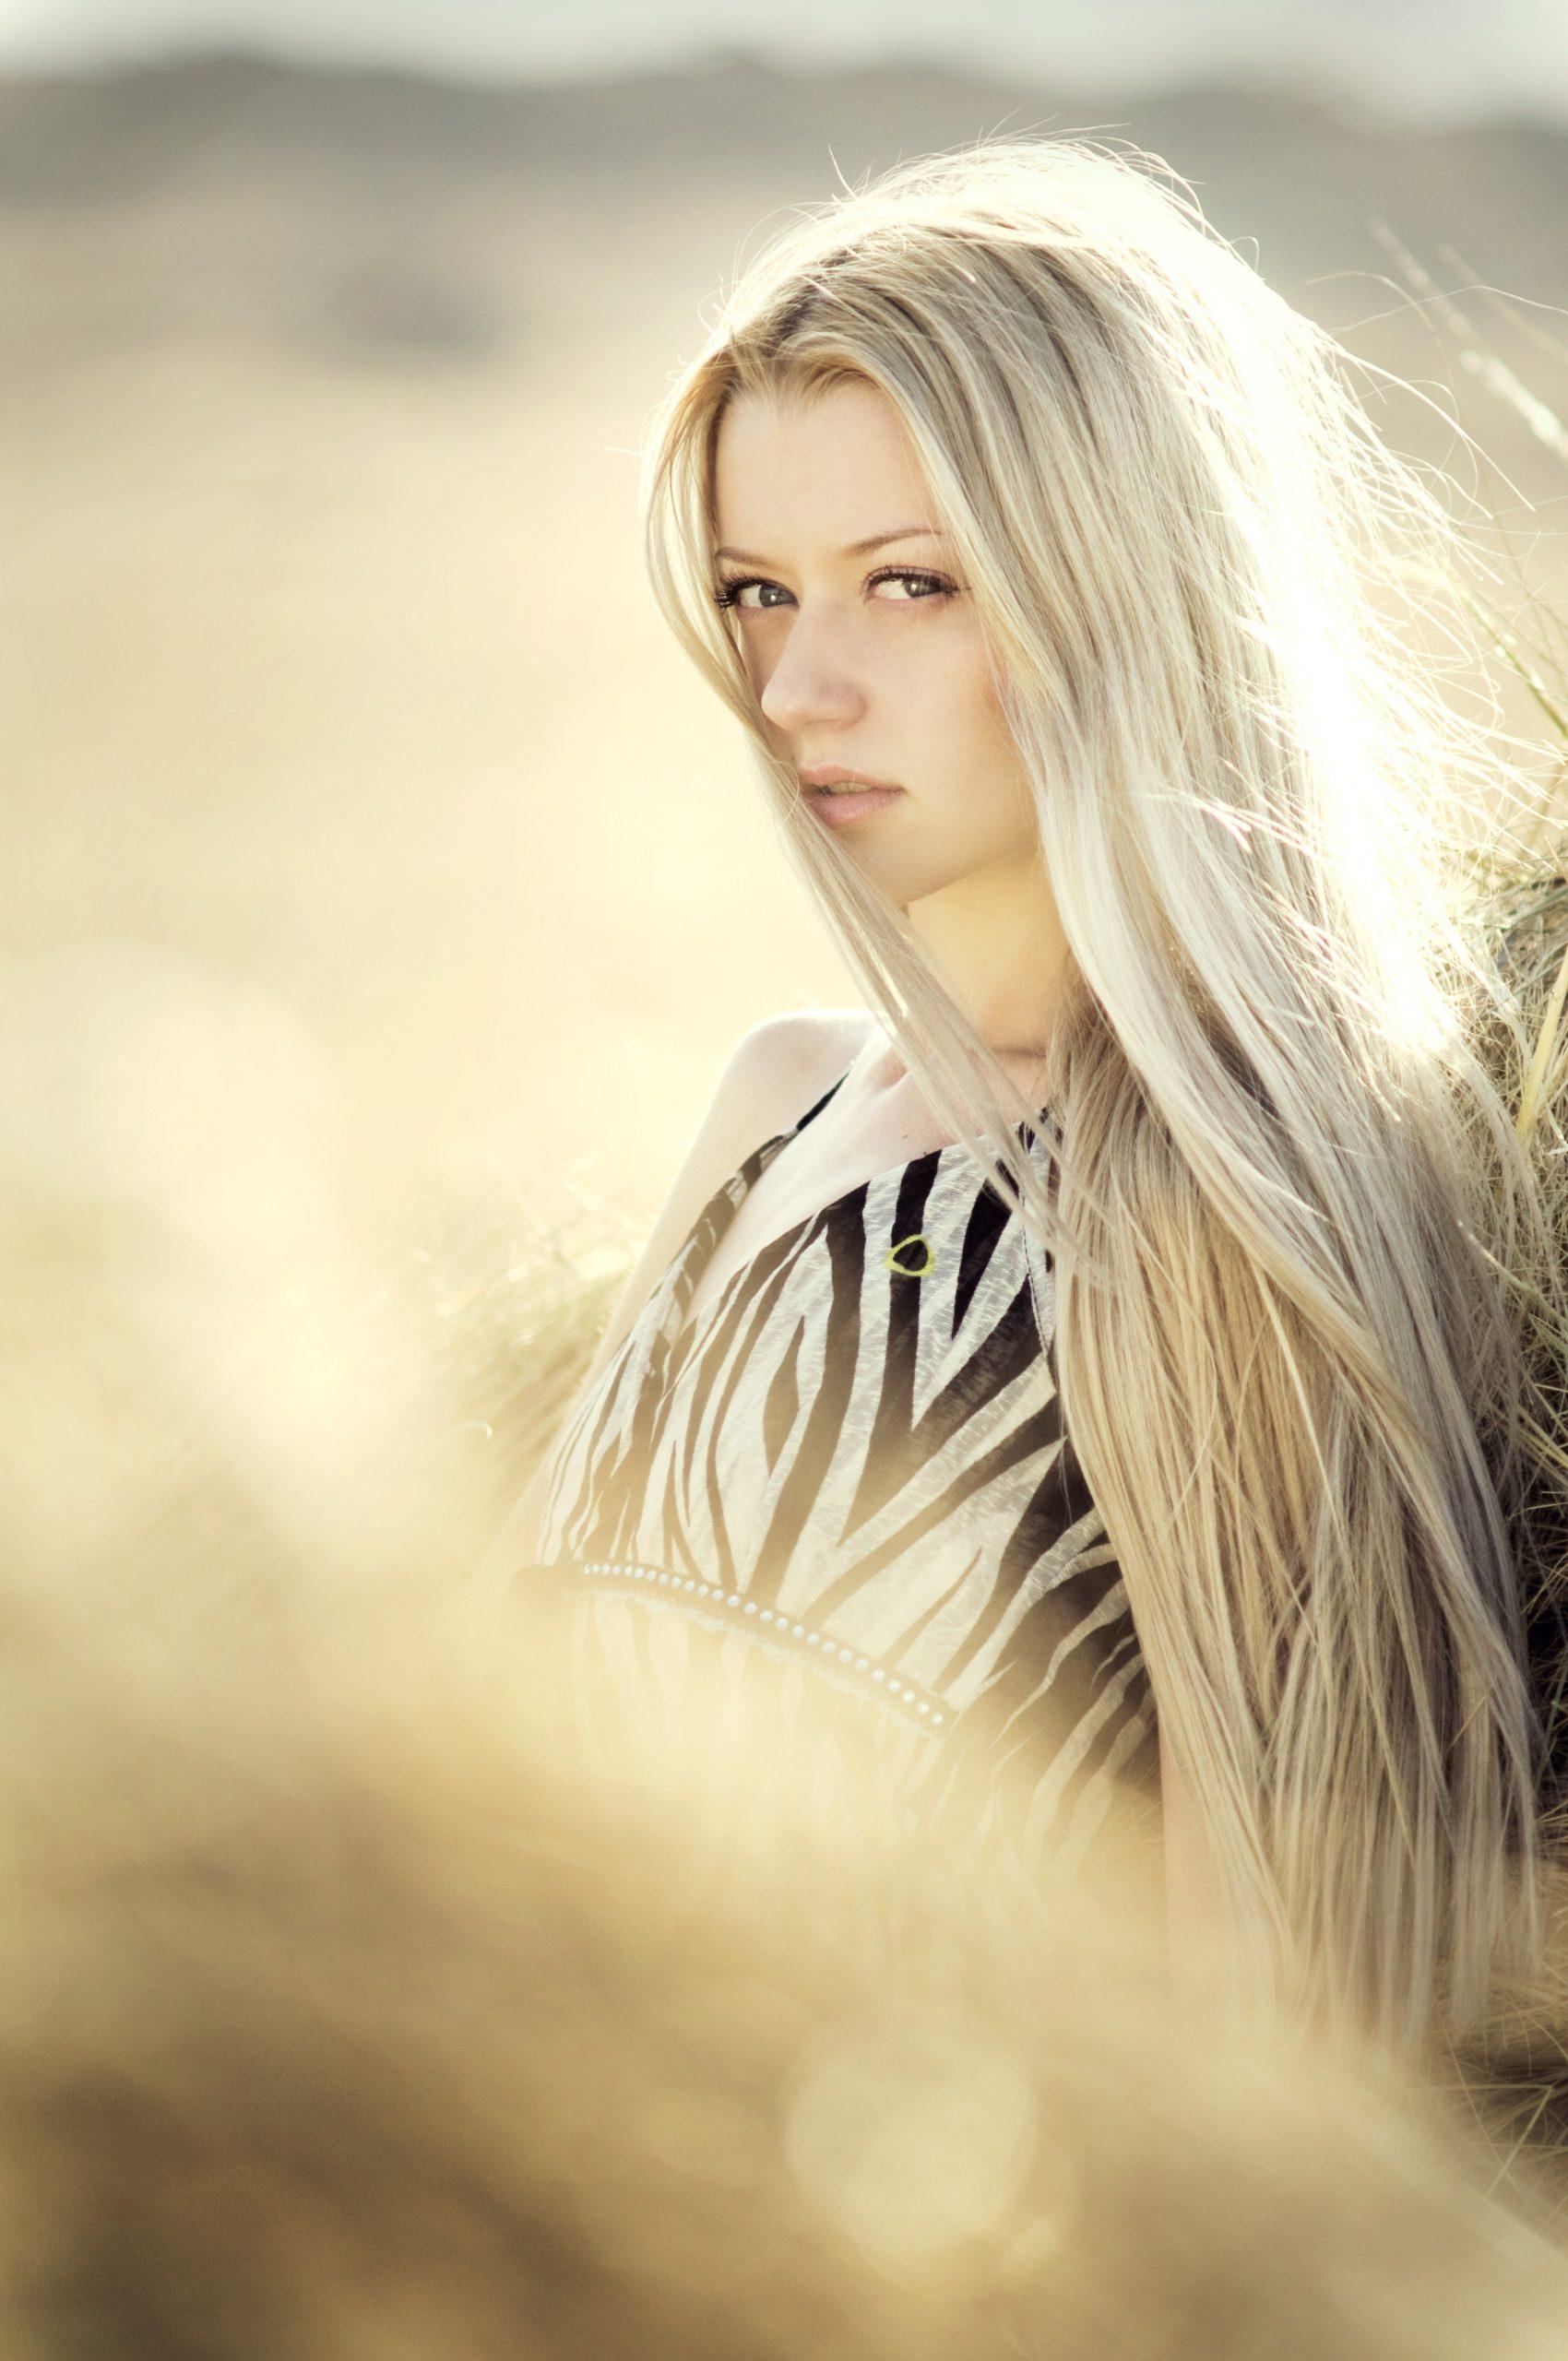 'Marilyn-blond' is de haarkleur voor de herfst